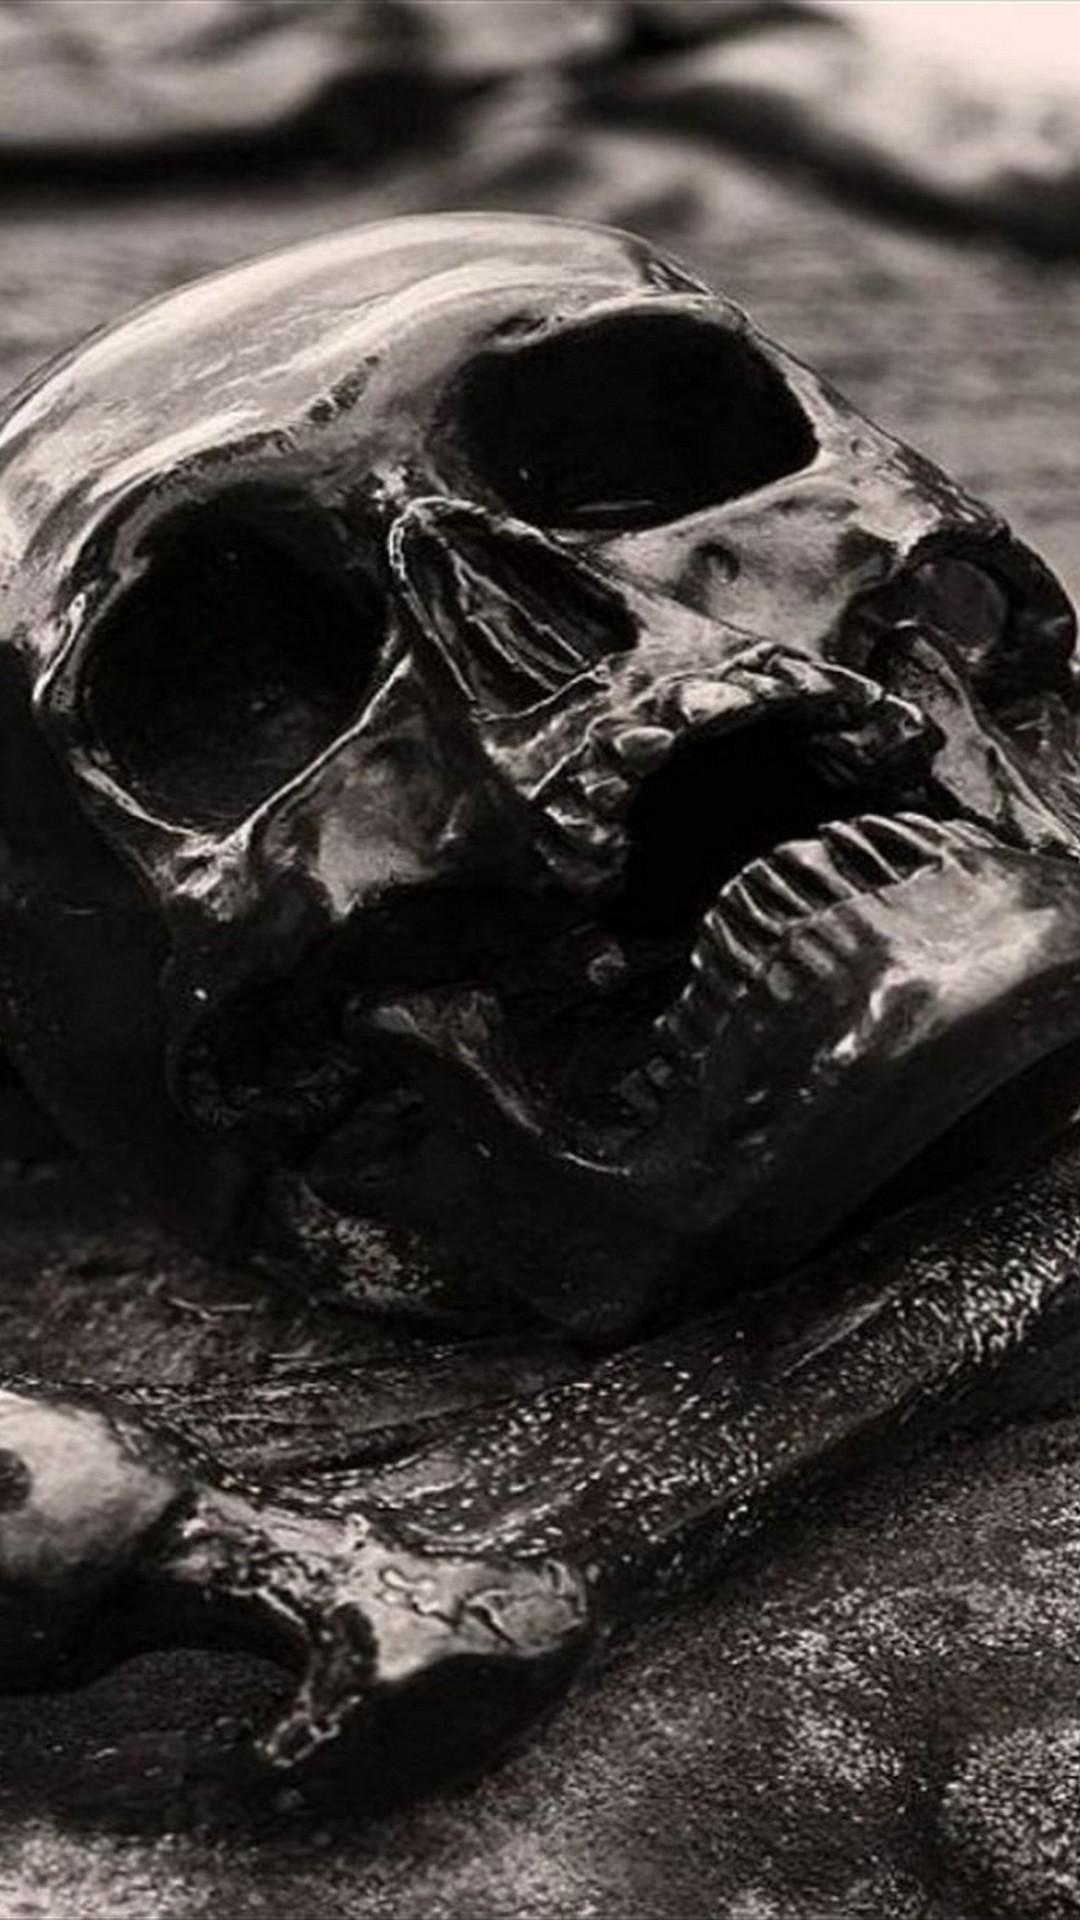 Iphone 6 Plus Muscle Car Wallpaper Dark Skull Wallpaper 183 ①